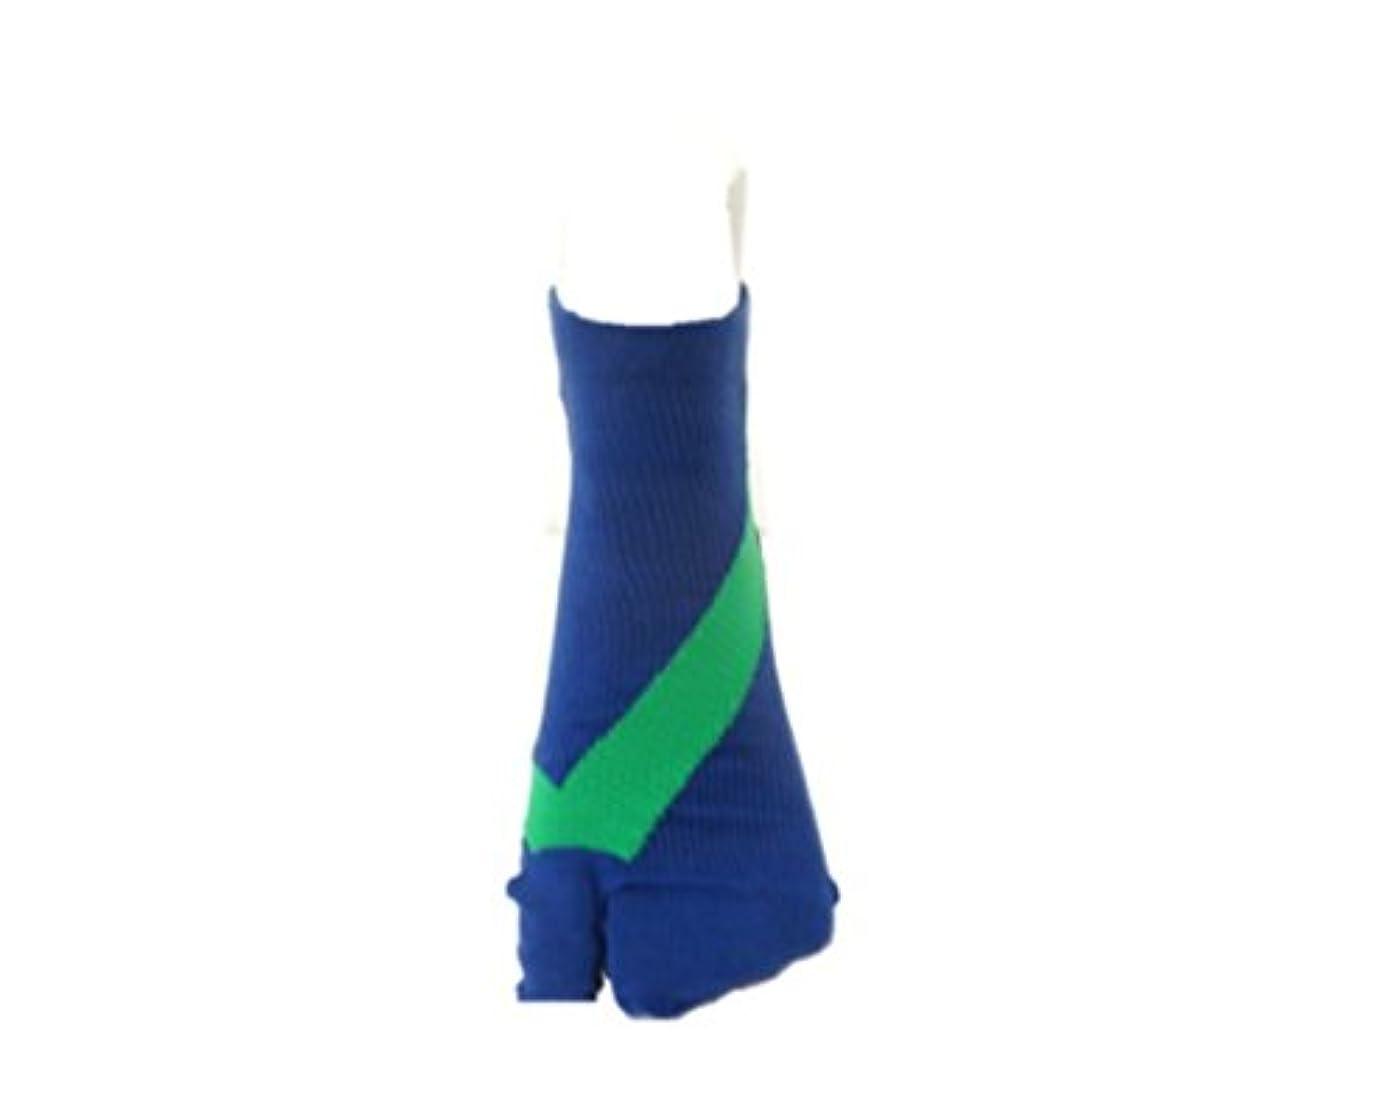 ウェブ失効代表してさとう式 フレクサーソックス アンクル 紺緑 (L) 足袋型